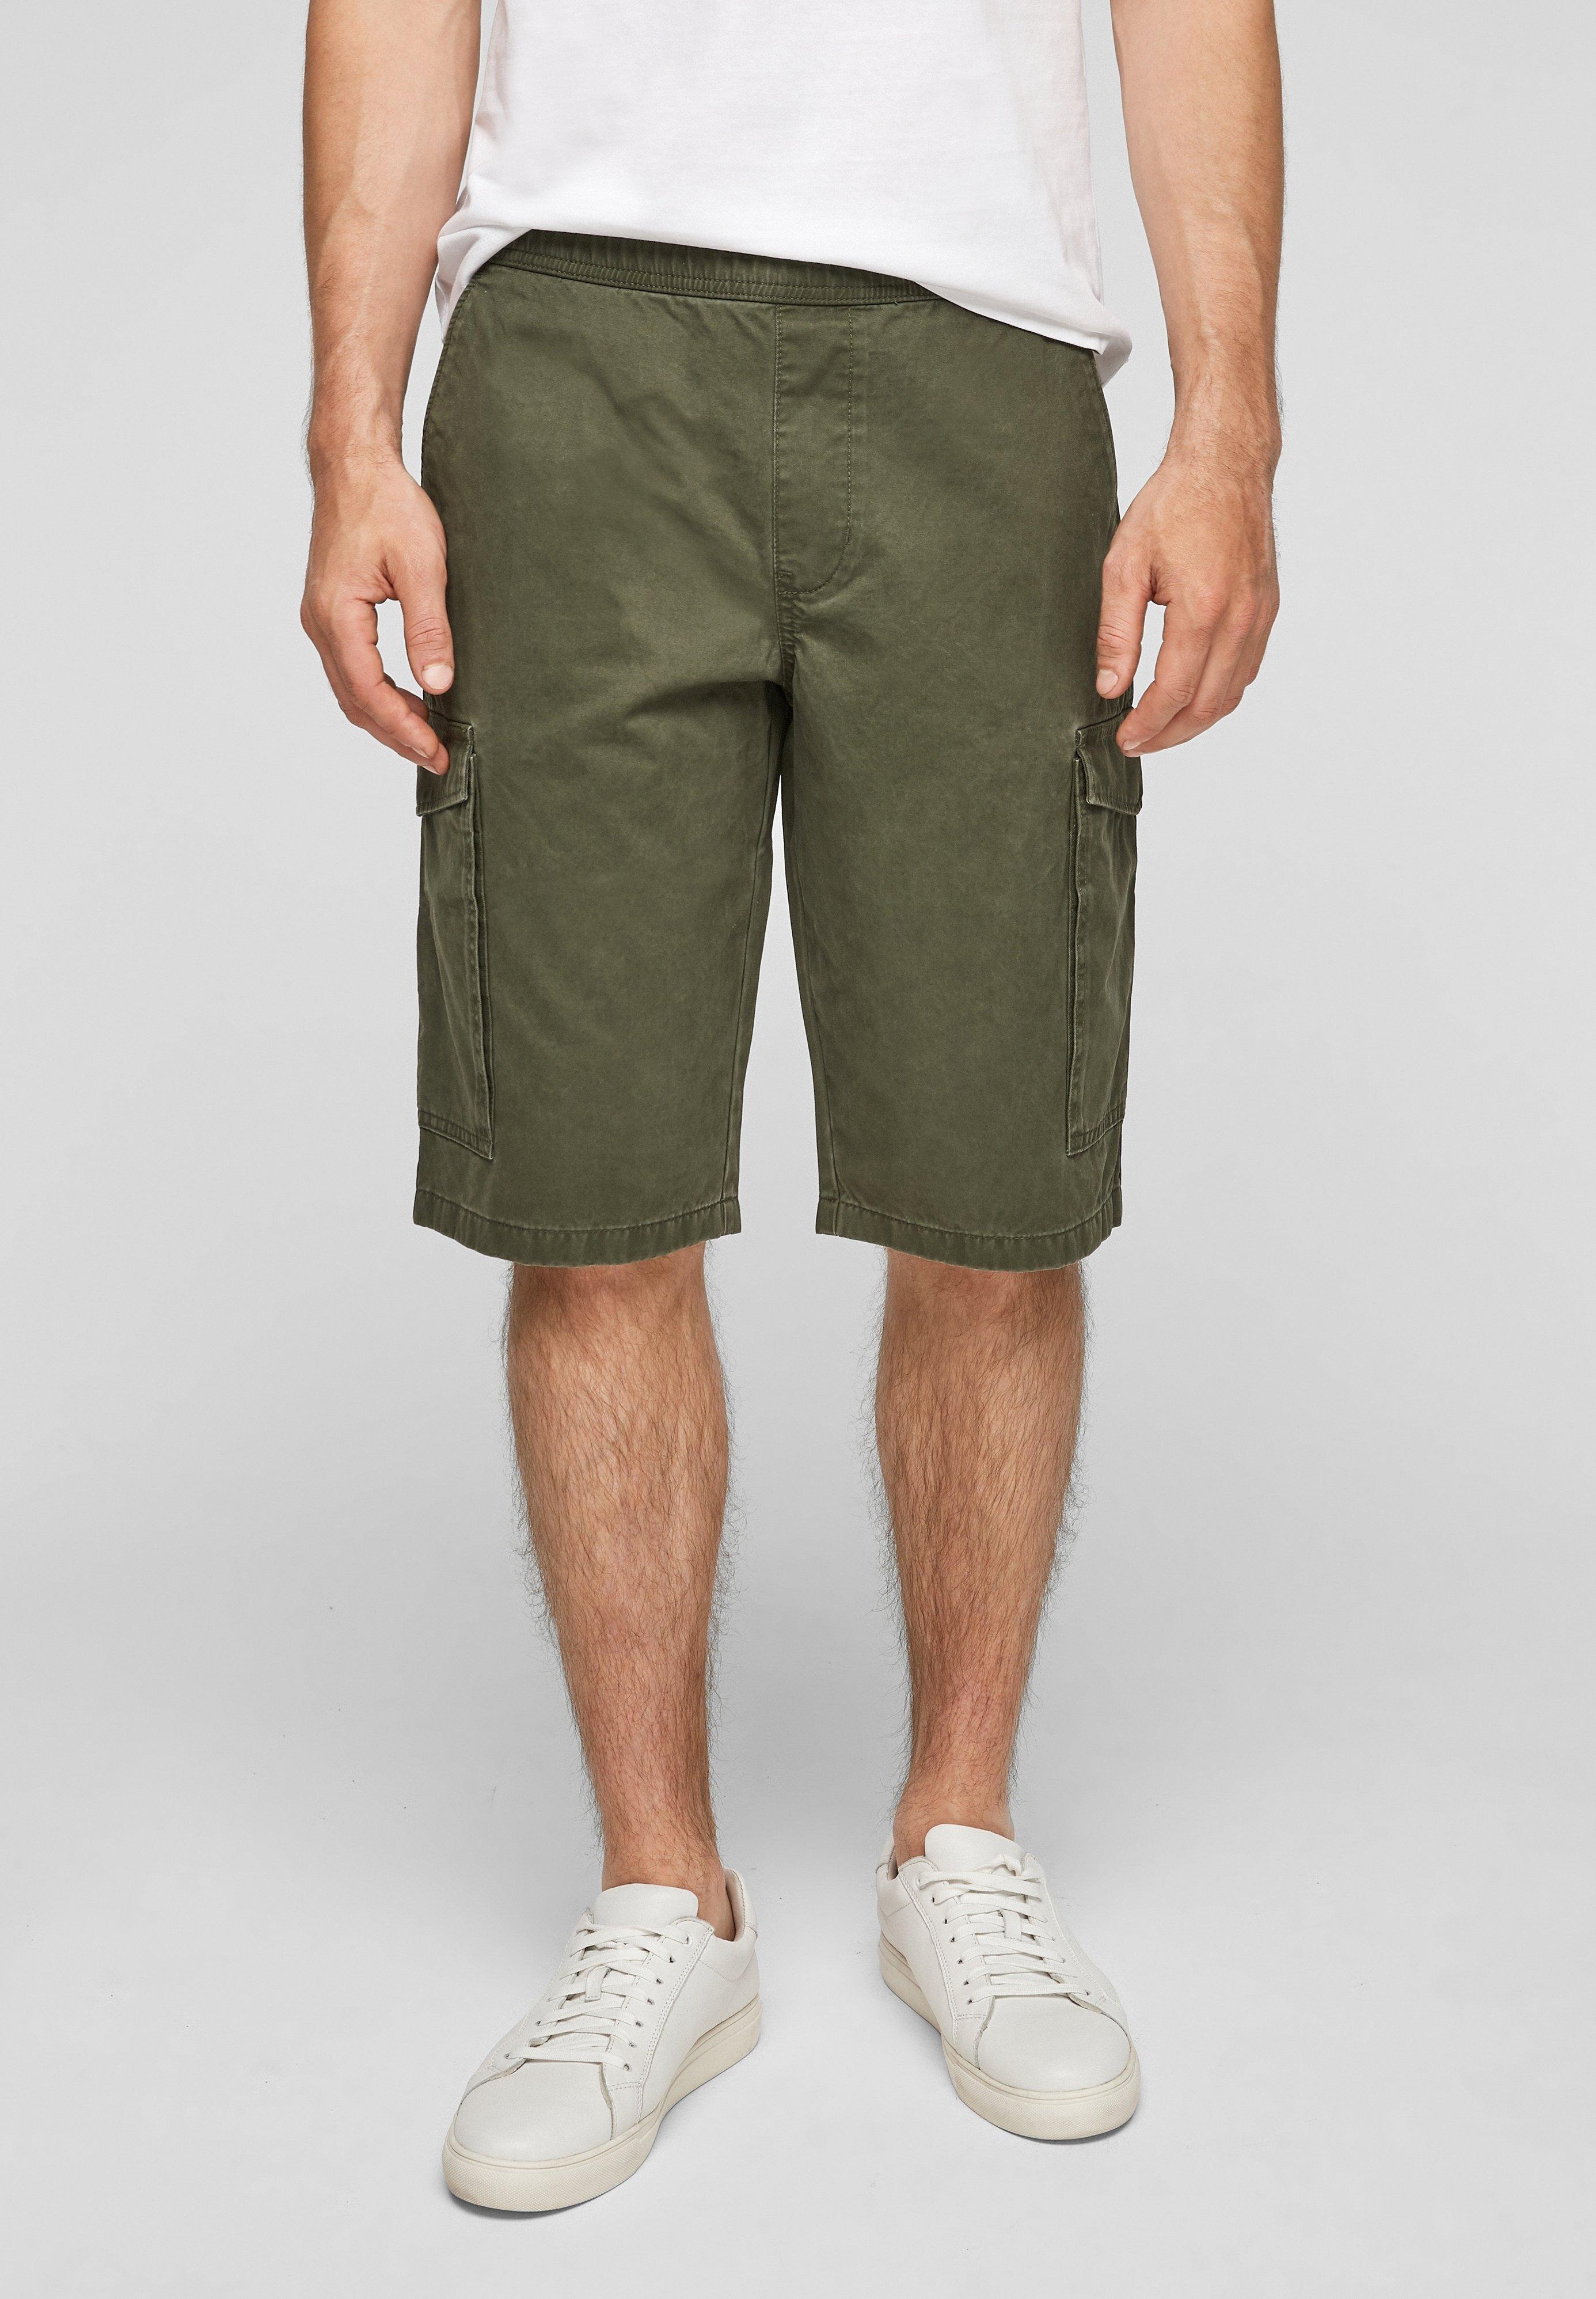 Homme BERMUDES - Short en jean